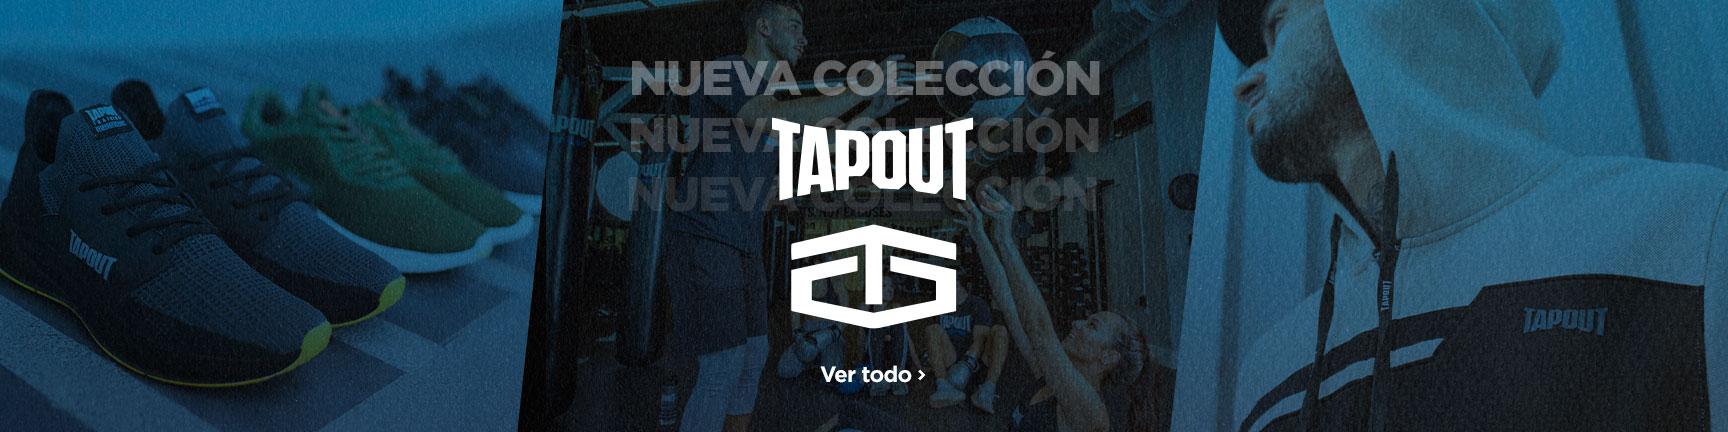 BS4 Nueva Colección Tapout